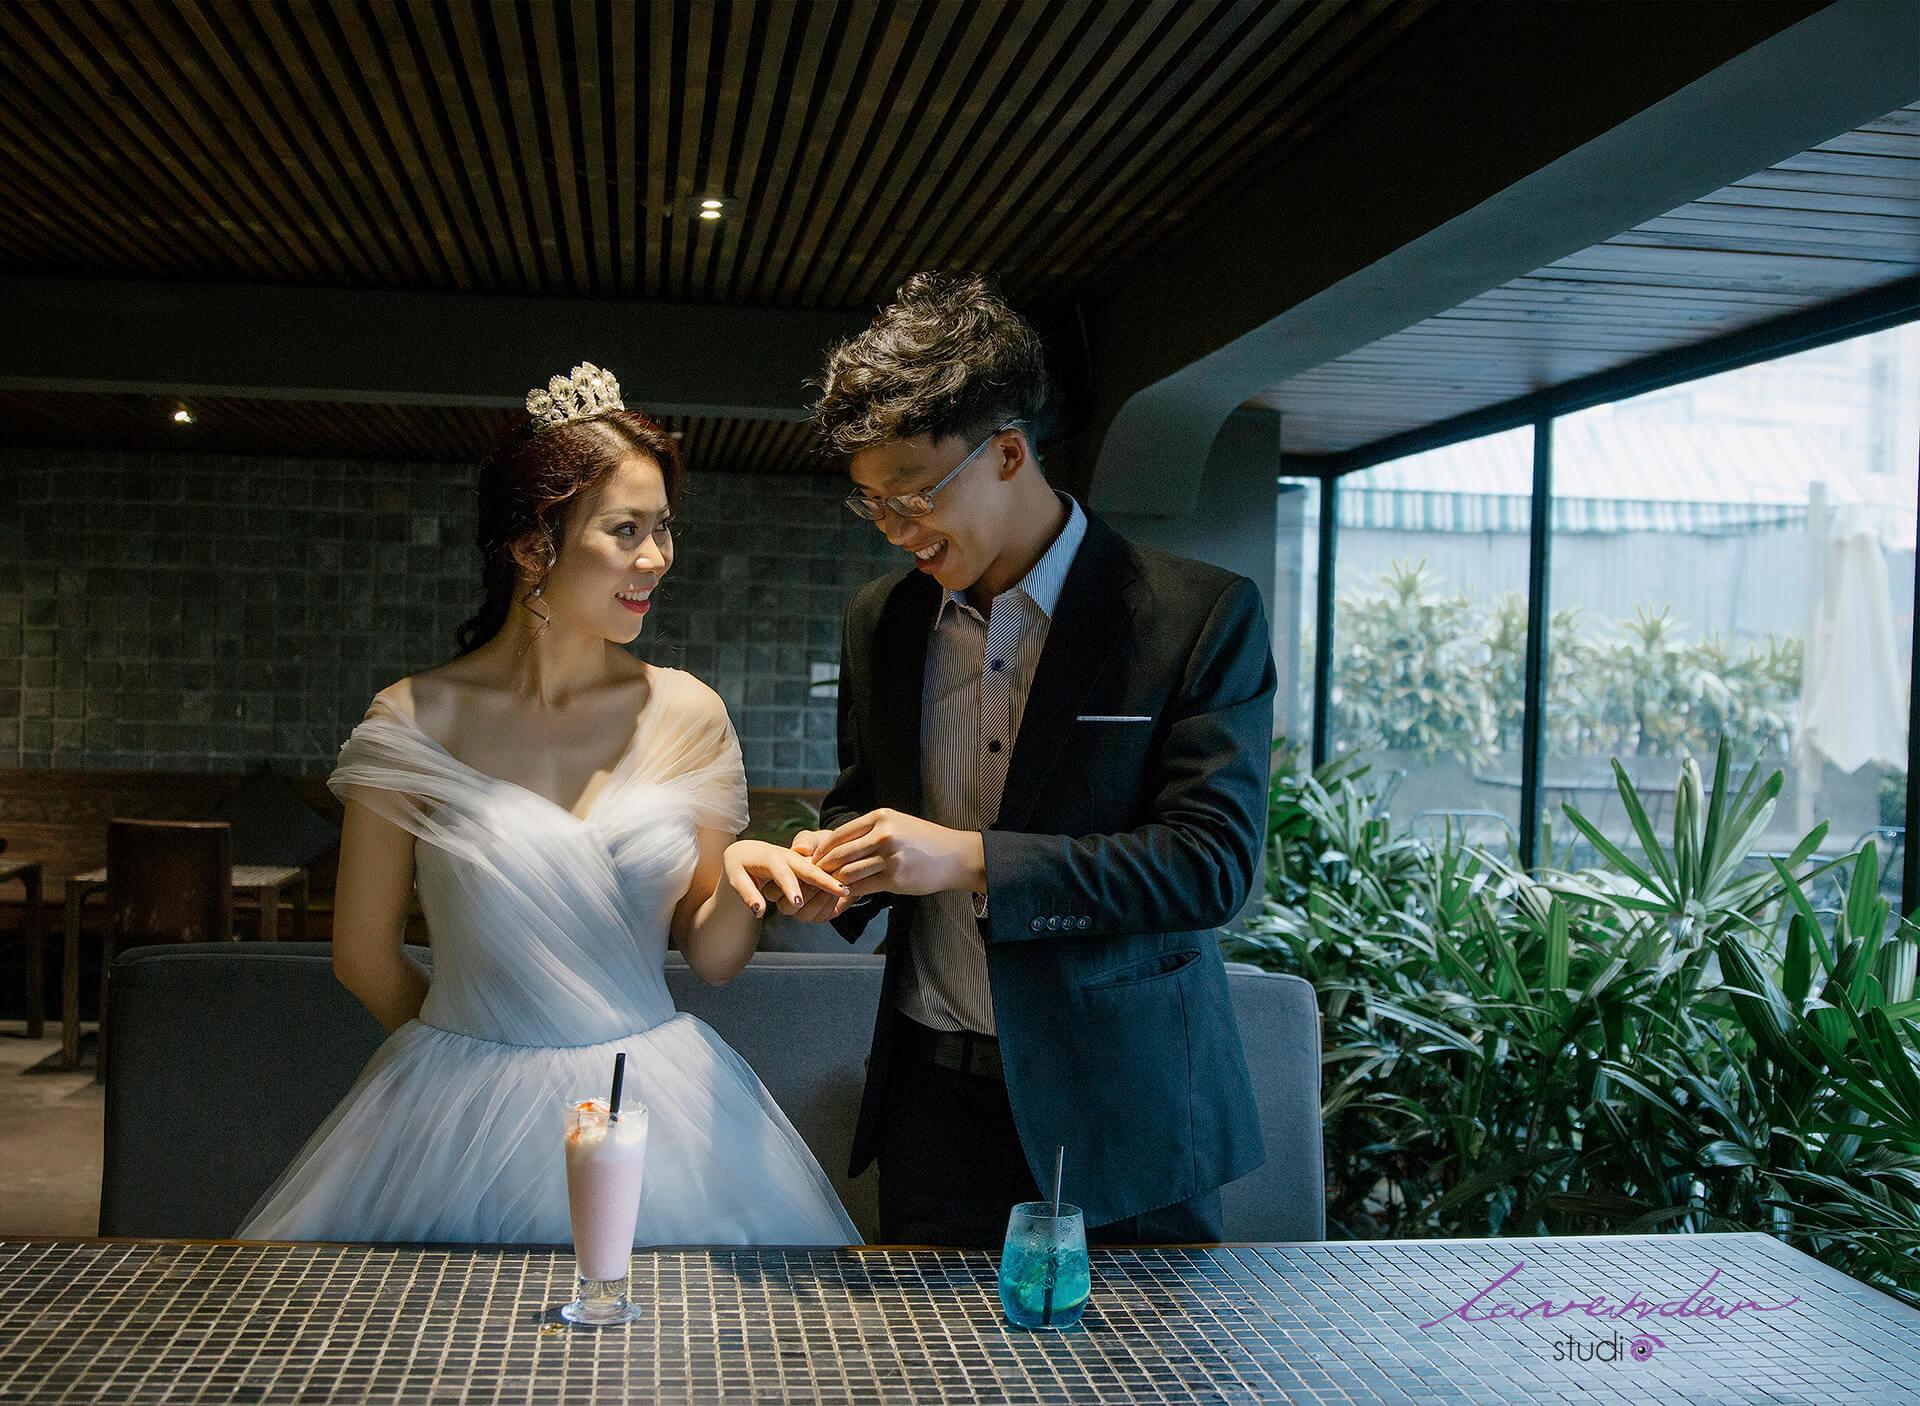 Dịch vụ chụp ảnh cưới tại phim trường